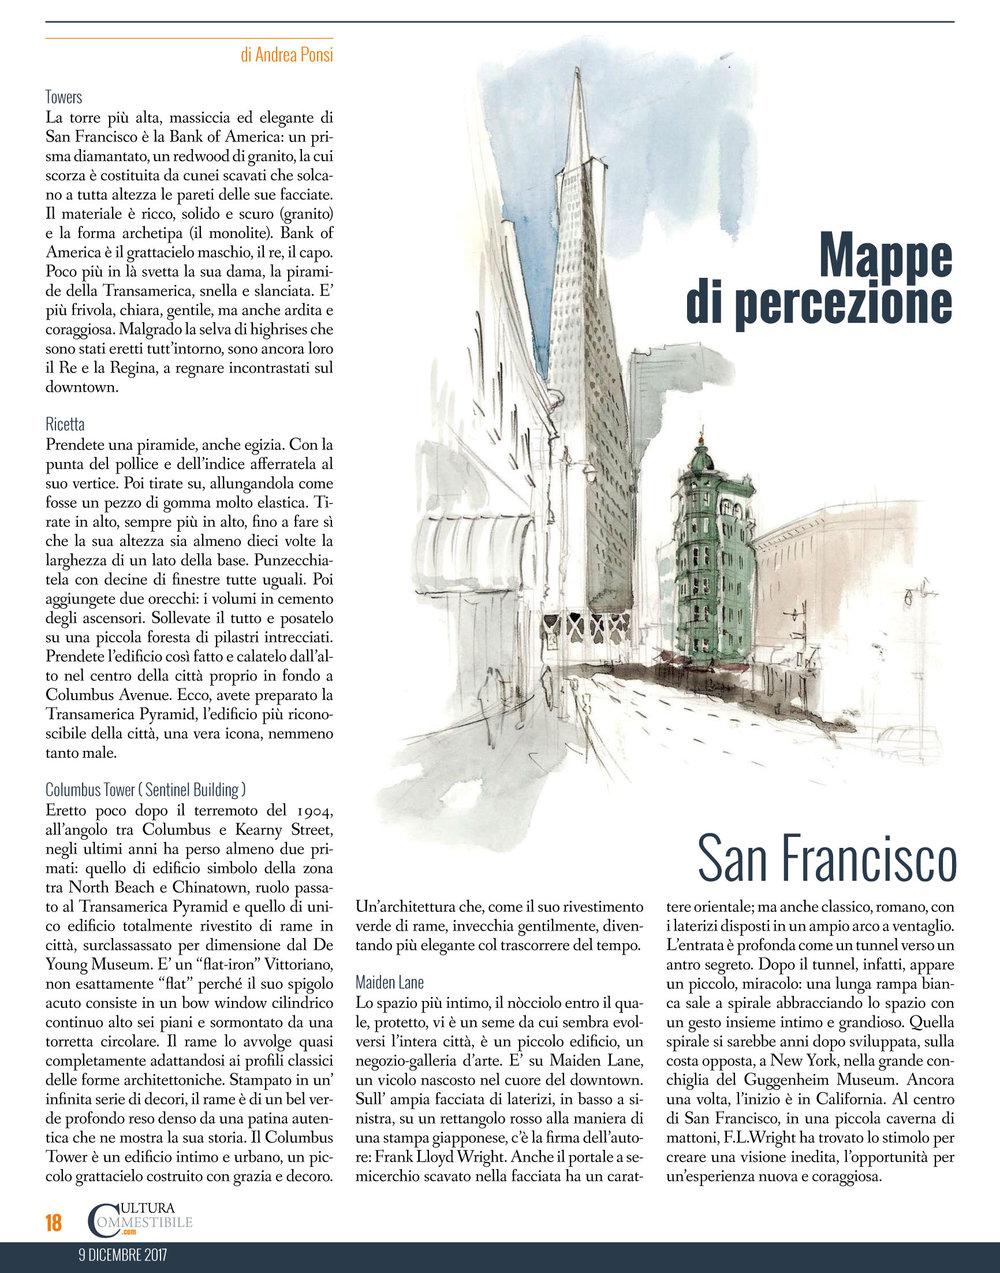 Cultura-Commestibile-242-18.jpg